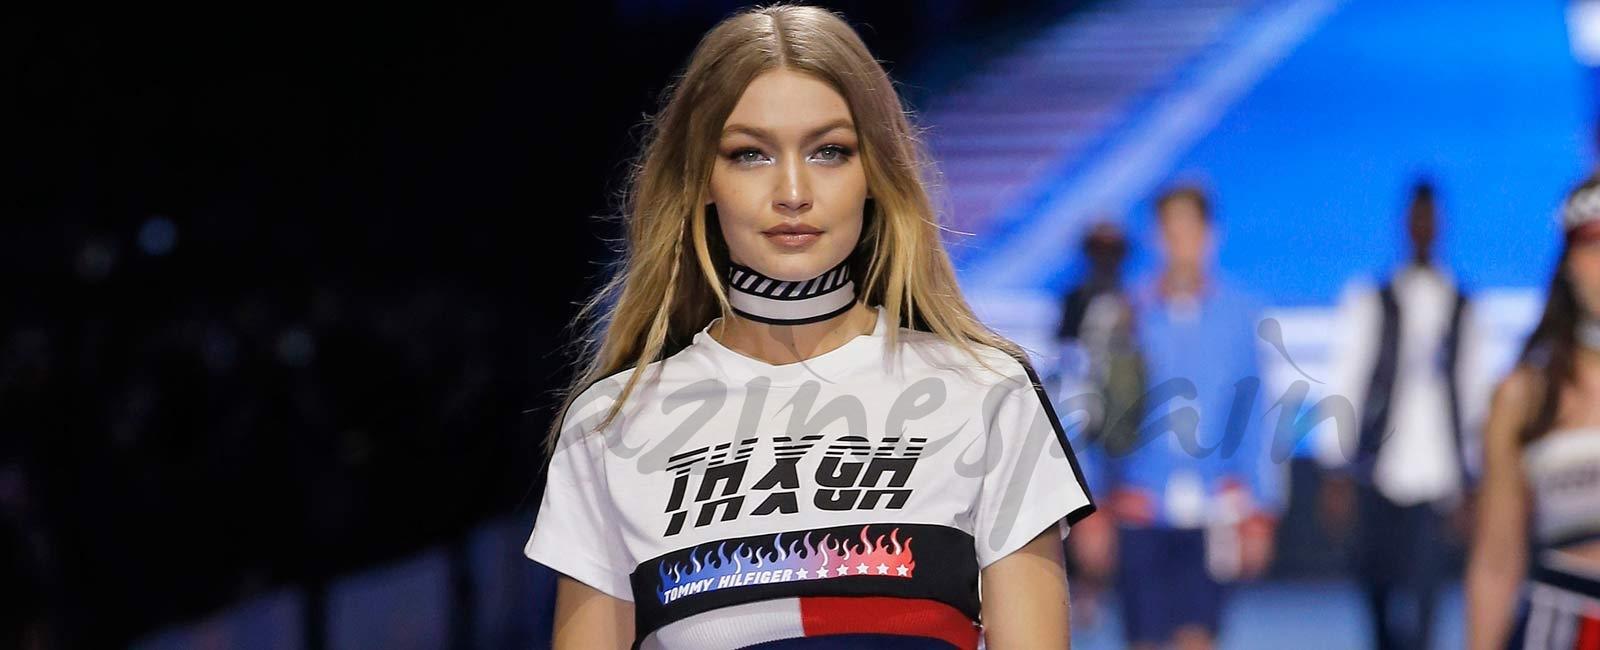 Milan Fashion Week: TommyNow Primavera 2018